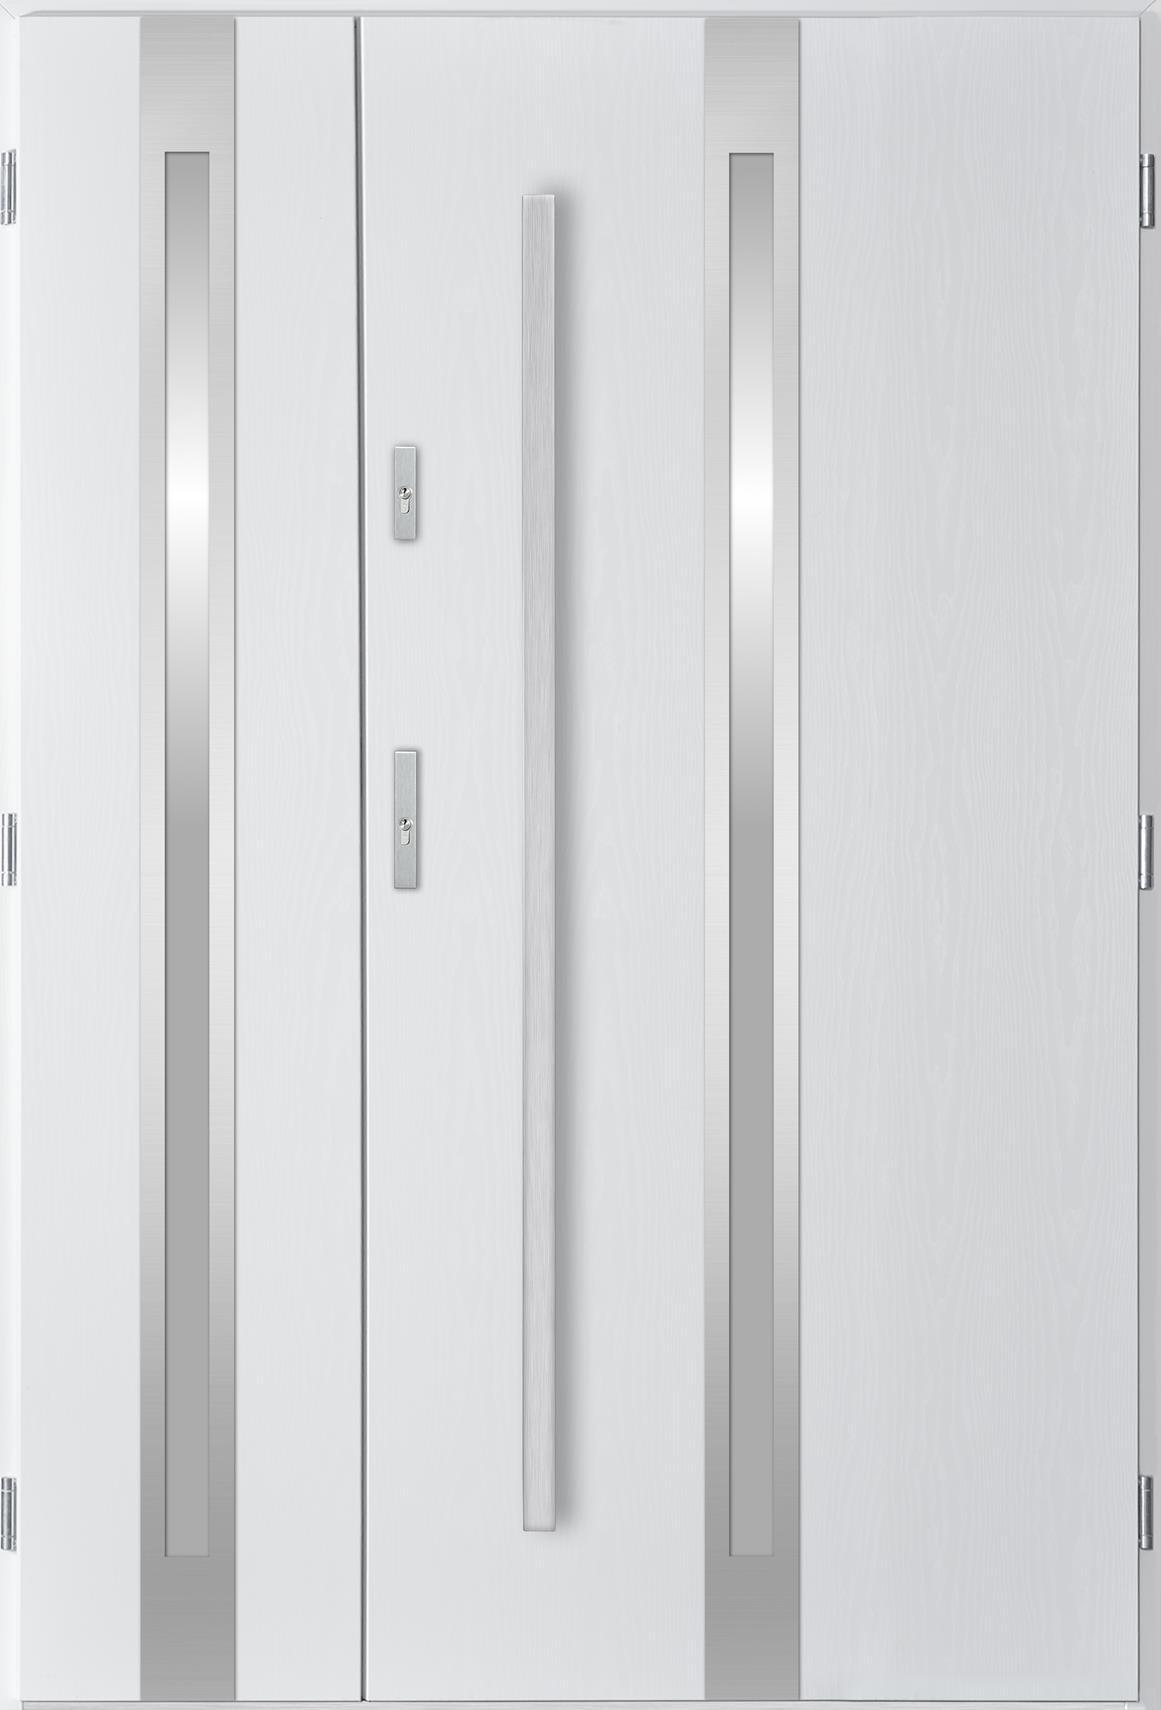 Dvoukøídlé ocelové vchodové dveøe Linea, bílá